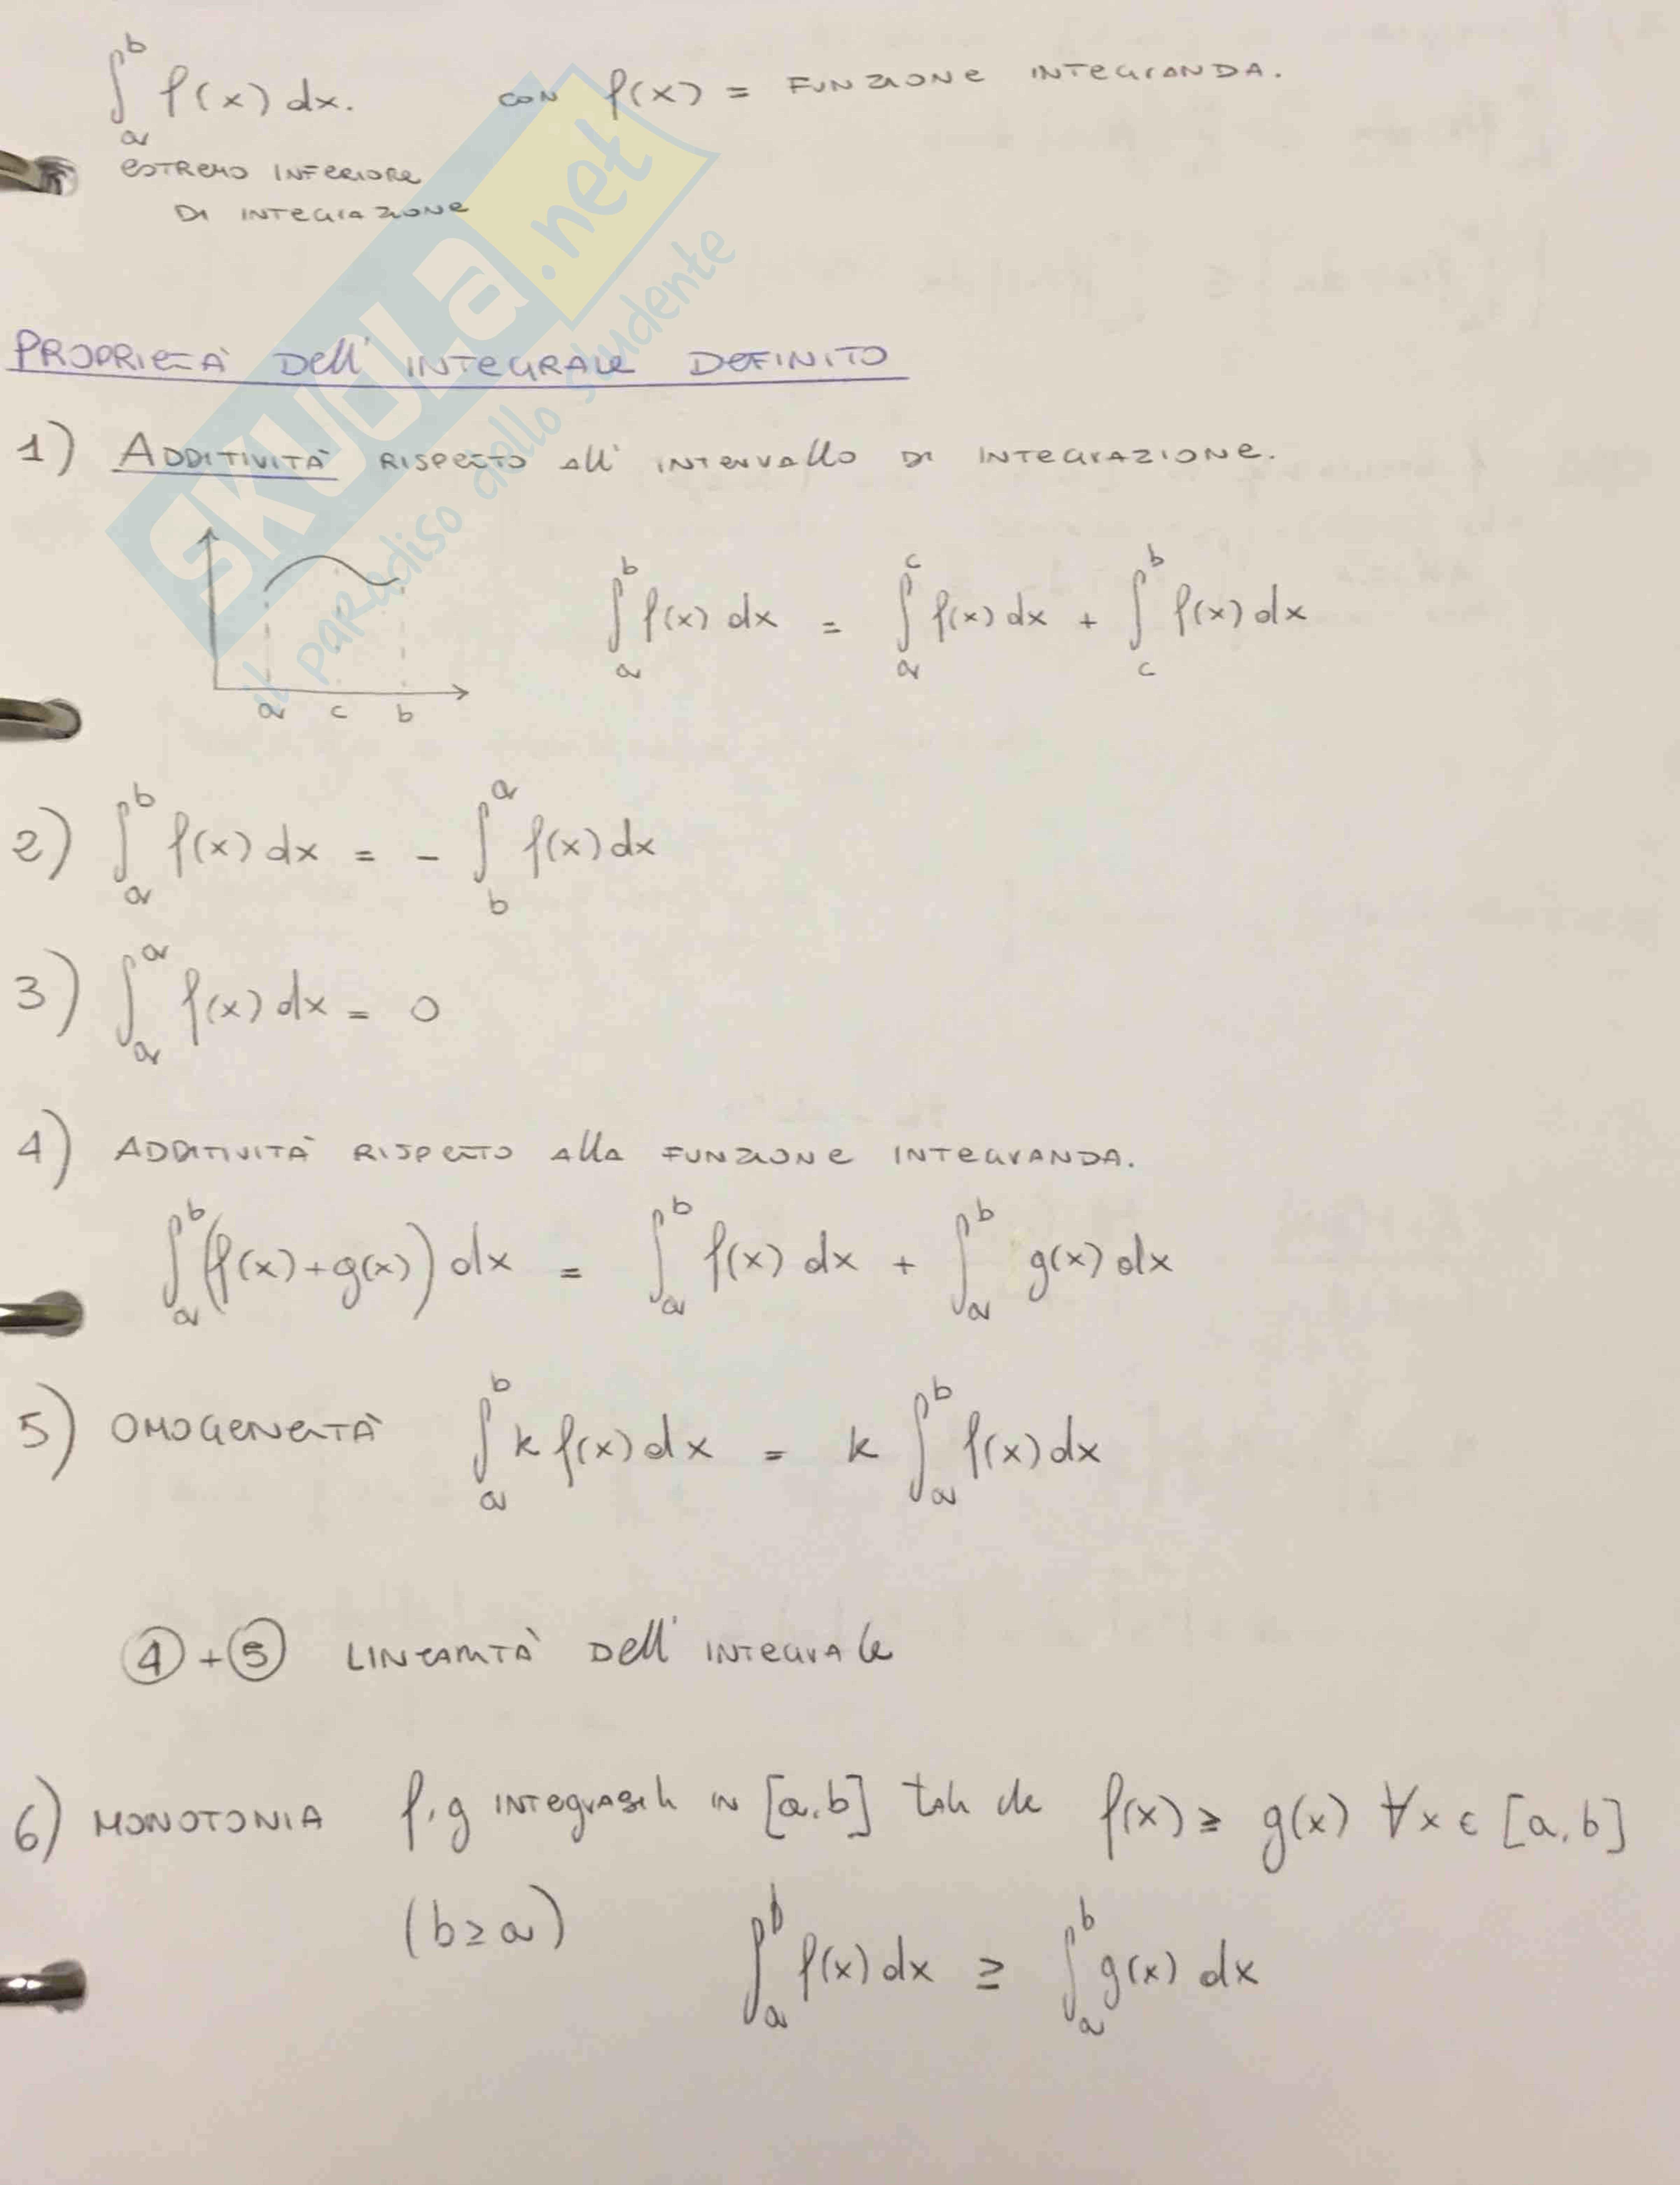 Appunti primo parziale matematica finanziaria (anno 1) - Bocconi Pag. 11